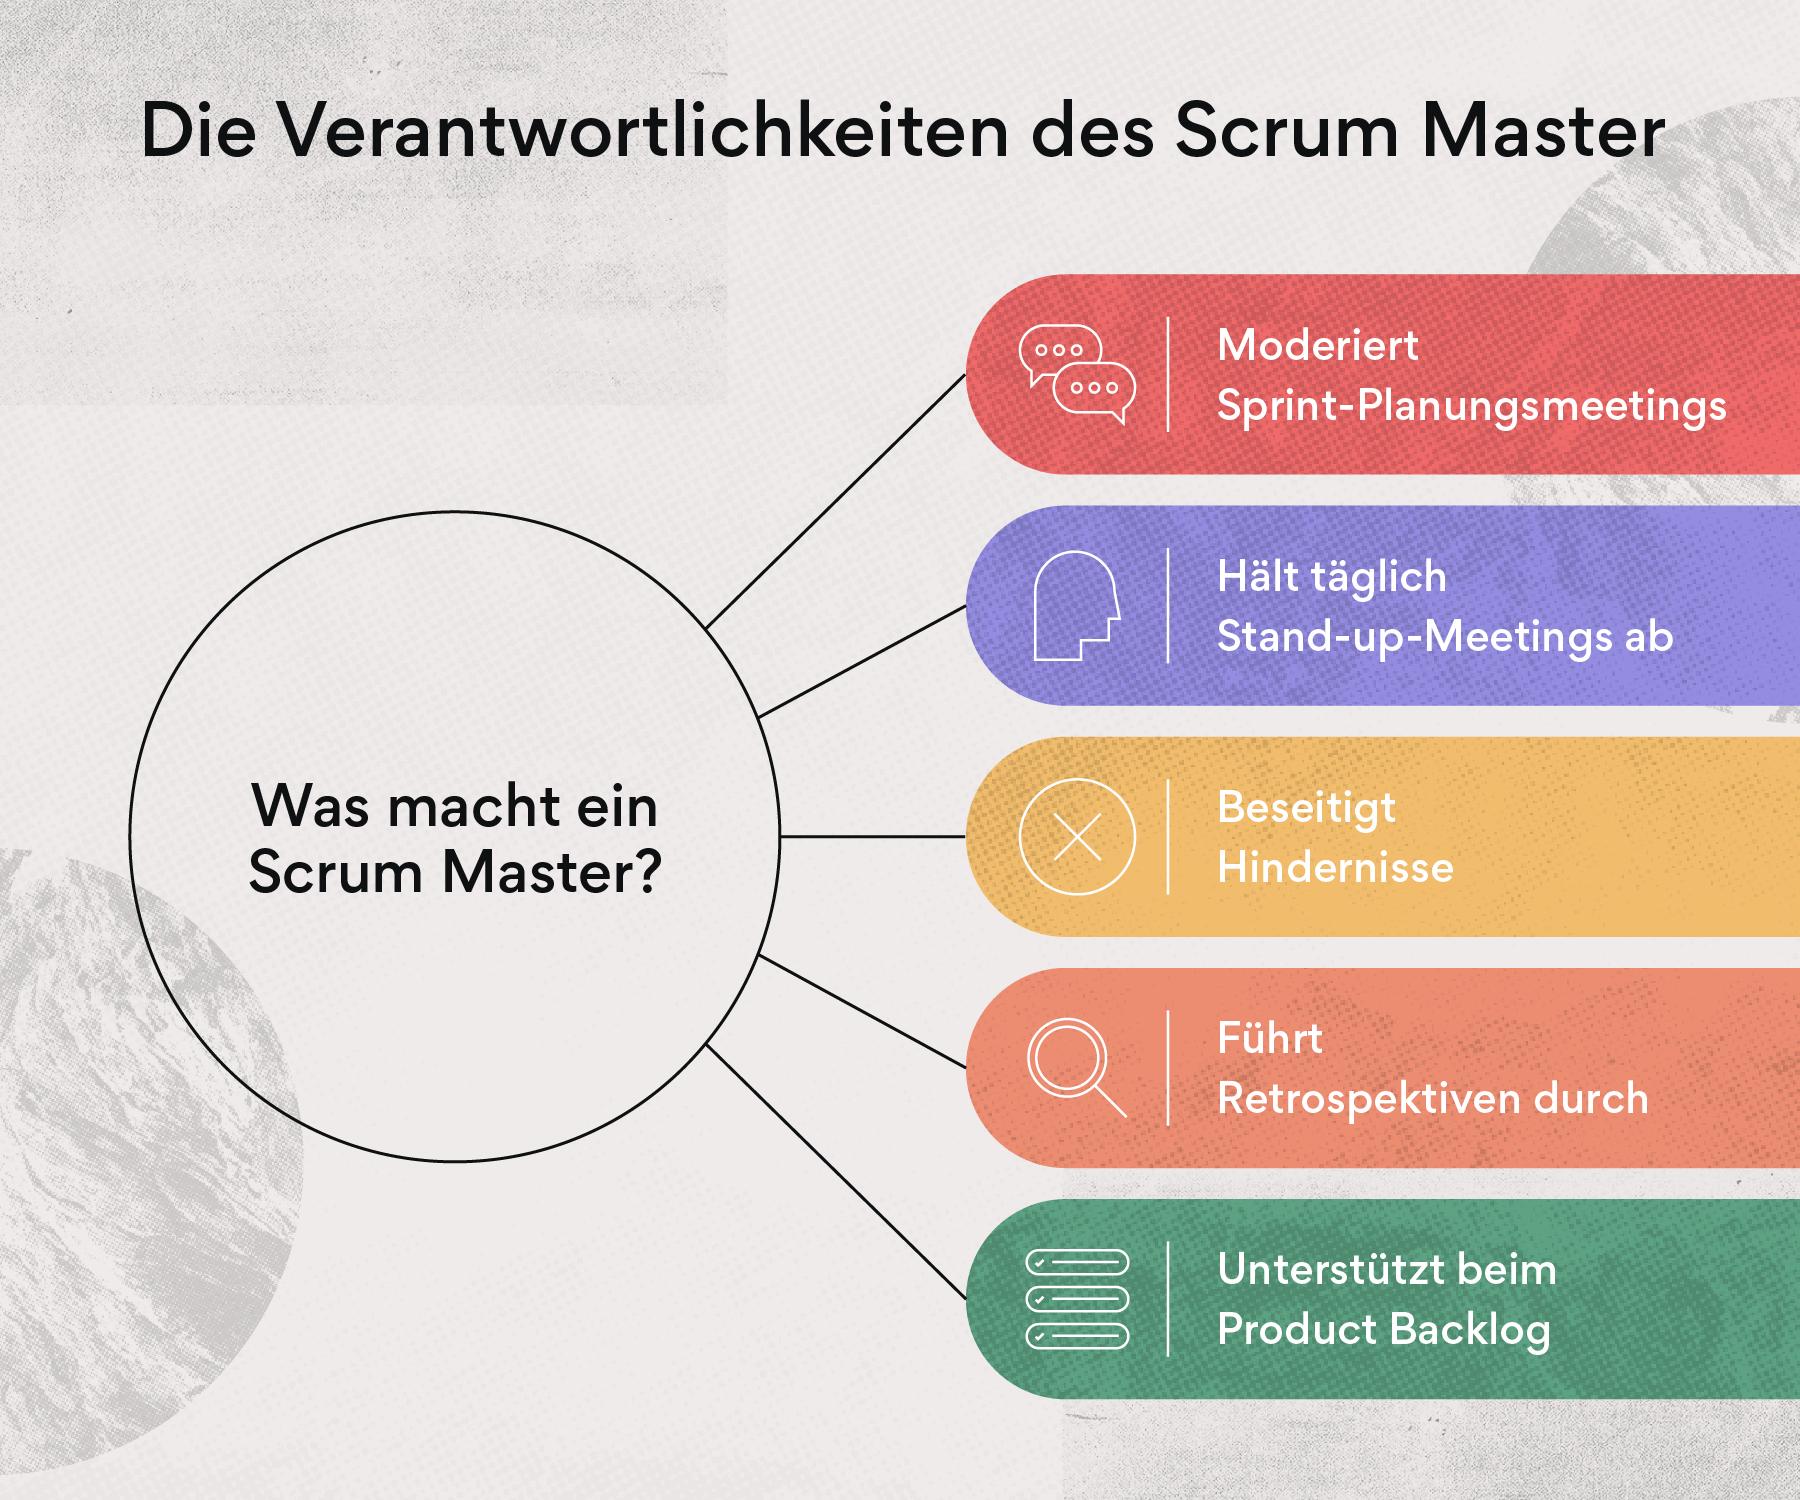 Die Verantwortlichkeiten des Scrum-Master